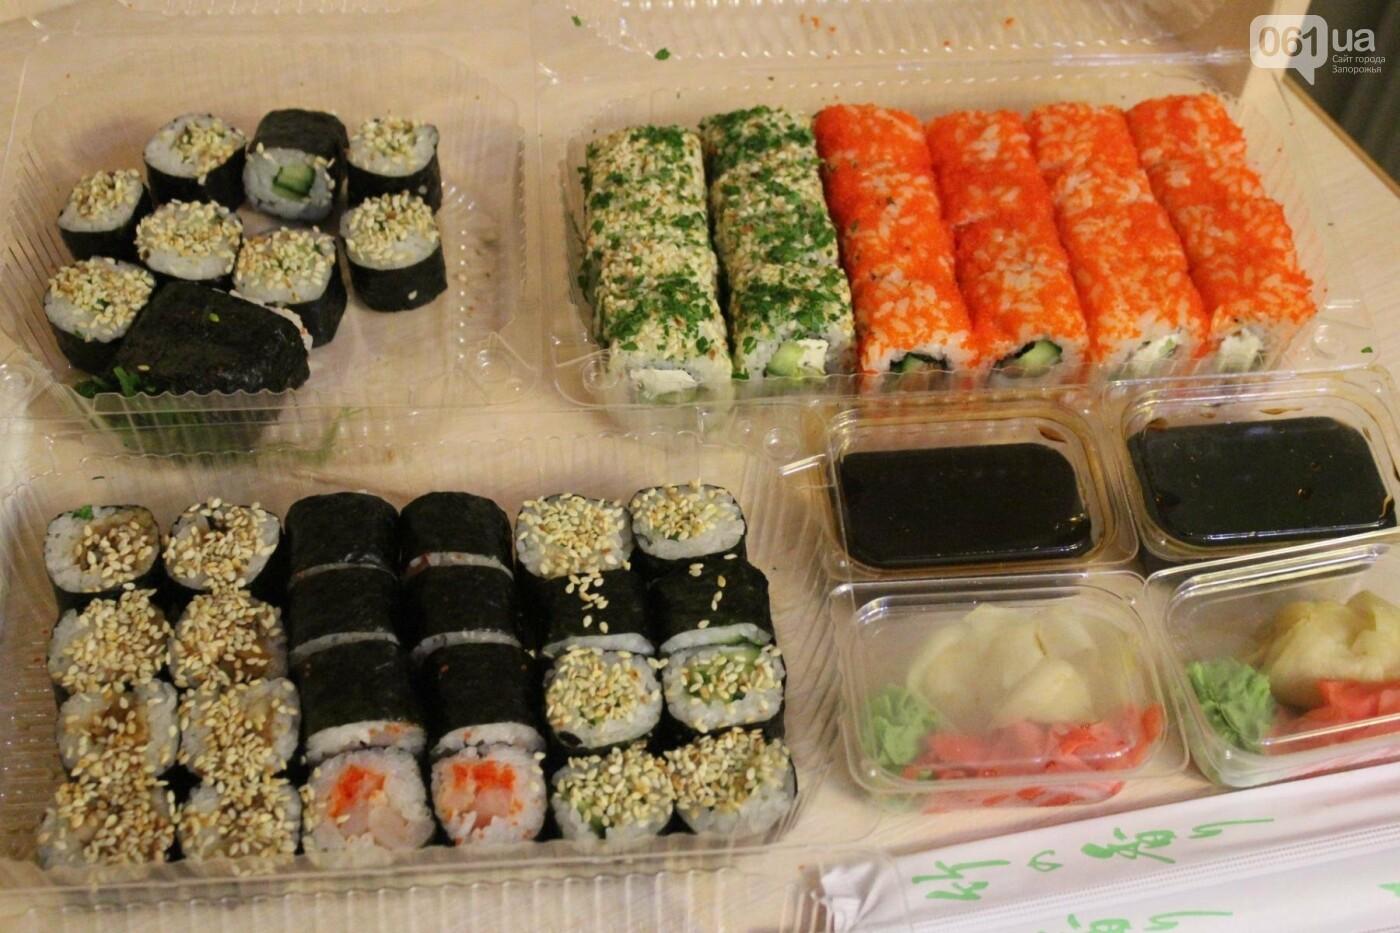 Тест-драйв доставки суши в Запорожье: 24rolls , фото-11